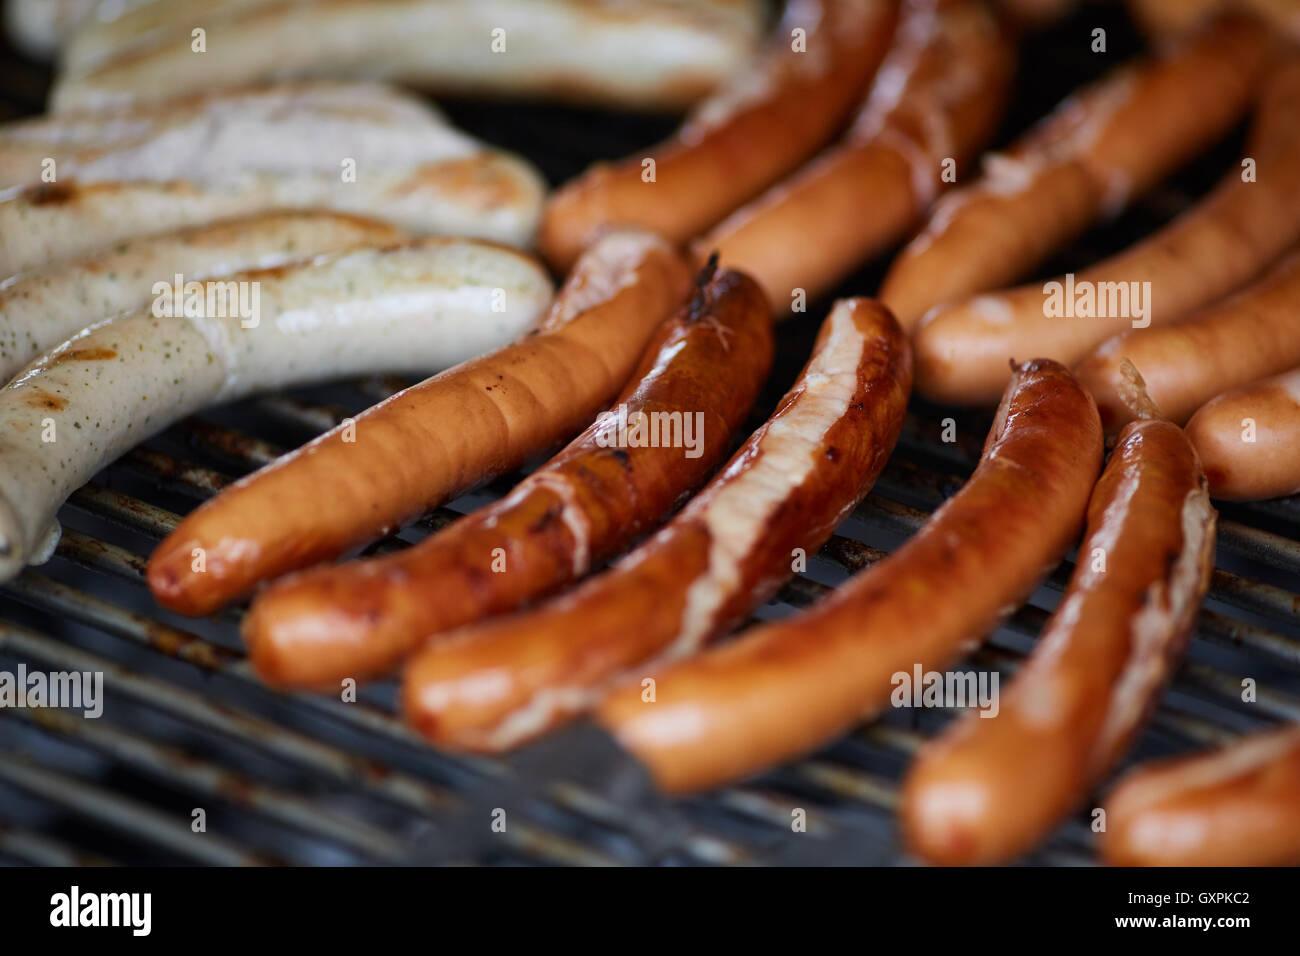 Bolton Food and Drink Festival deutsche Deutschland Wurst Bbq Geschichte auswärts essen kocht Frankfurter Rindswurst Stockbild